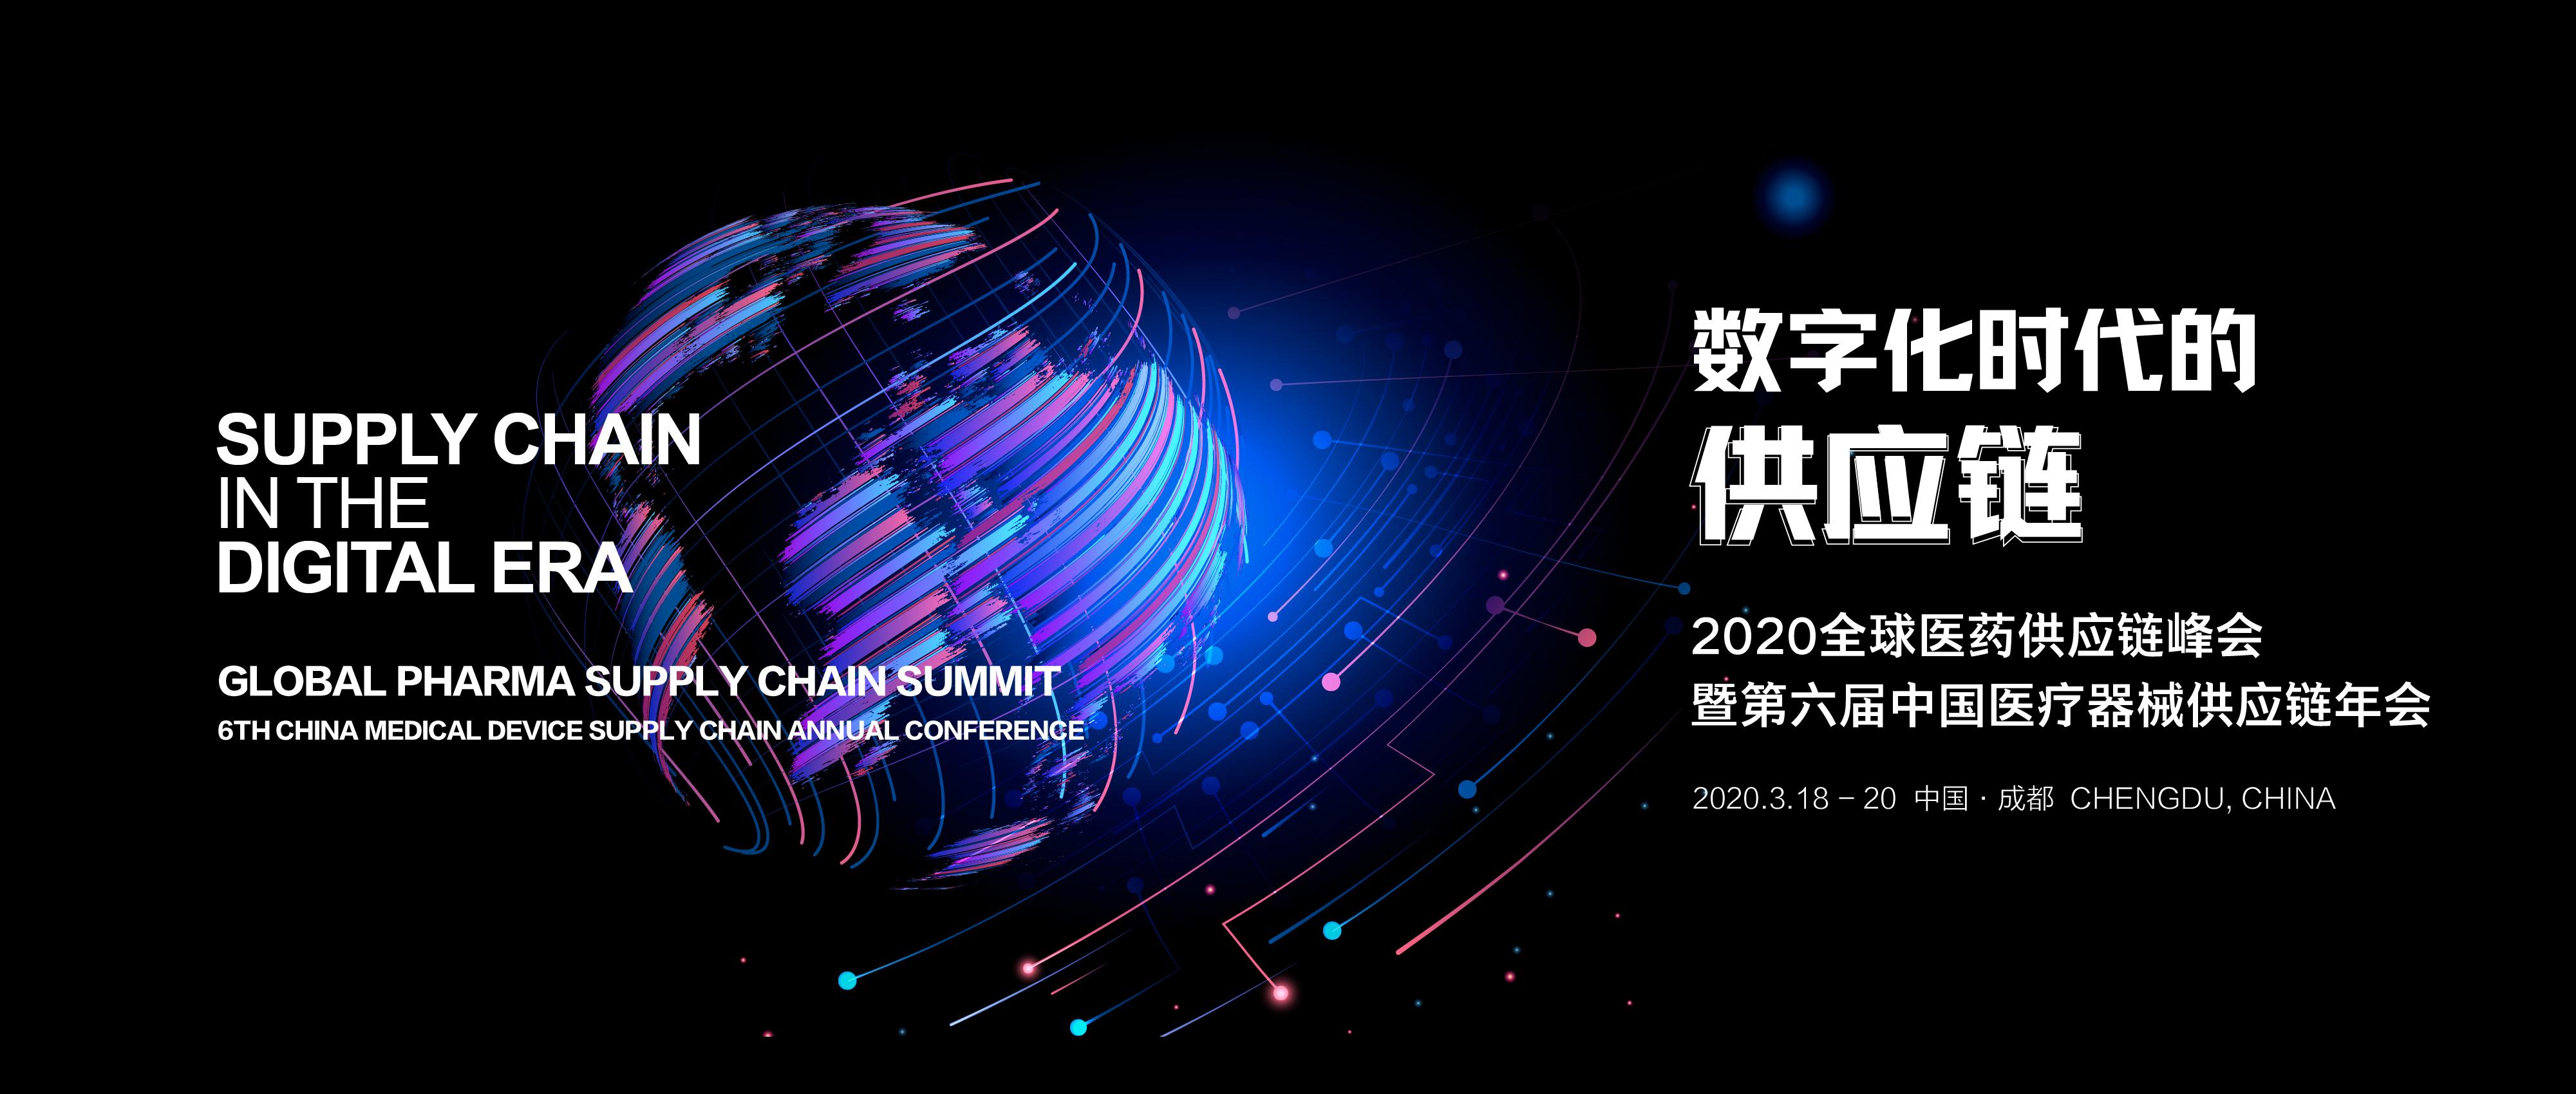 2020 全球医药供应链峰会暨第六届 中国医疗器械供应链年会